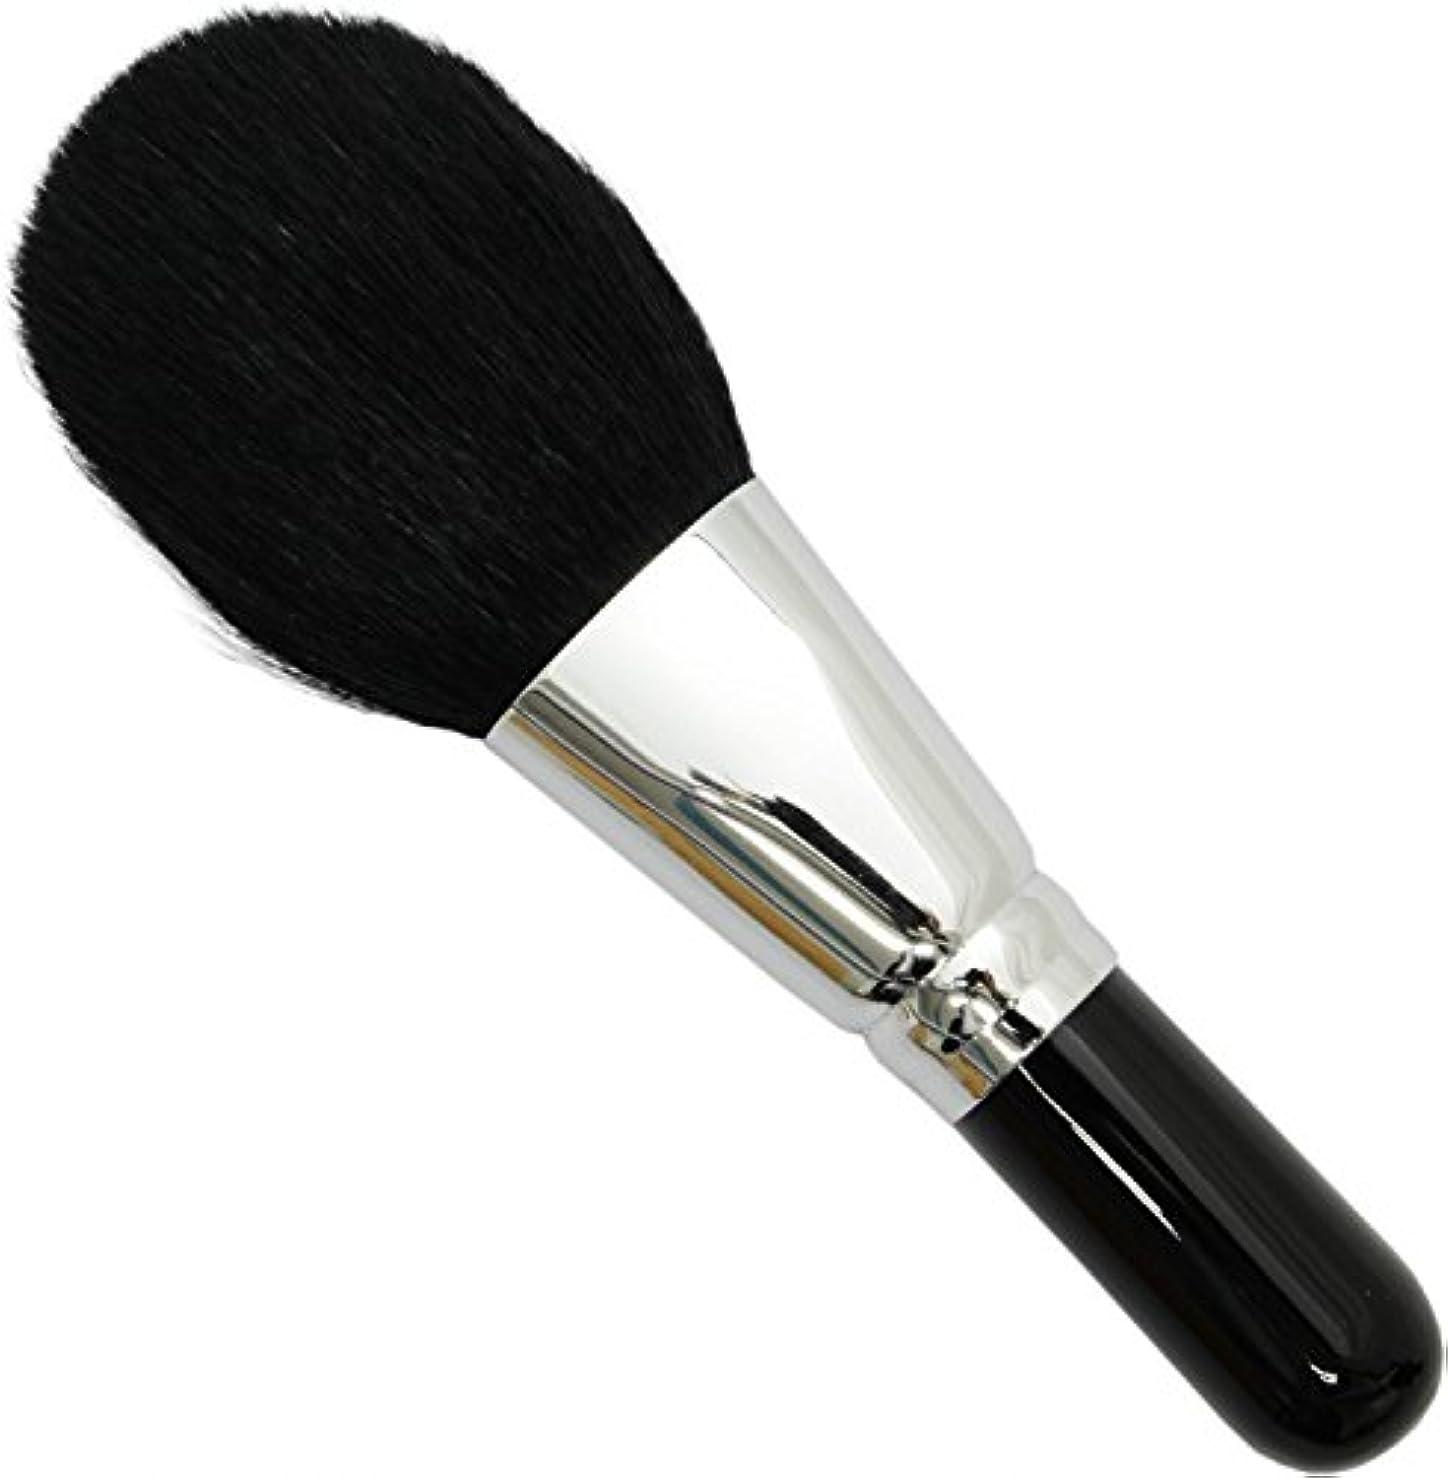 添付以来ヘッジ熊野筆 メイクブラシ SRシリーズ フェイスブラシ 山羊毛